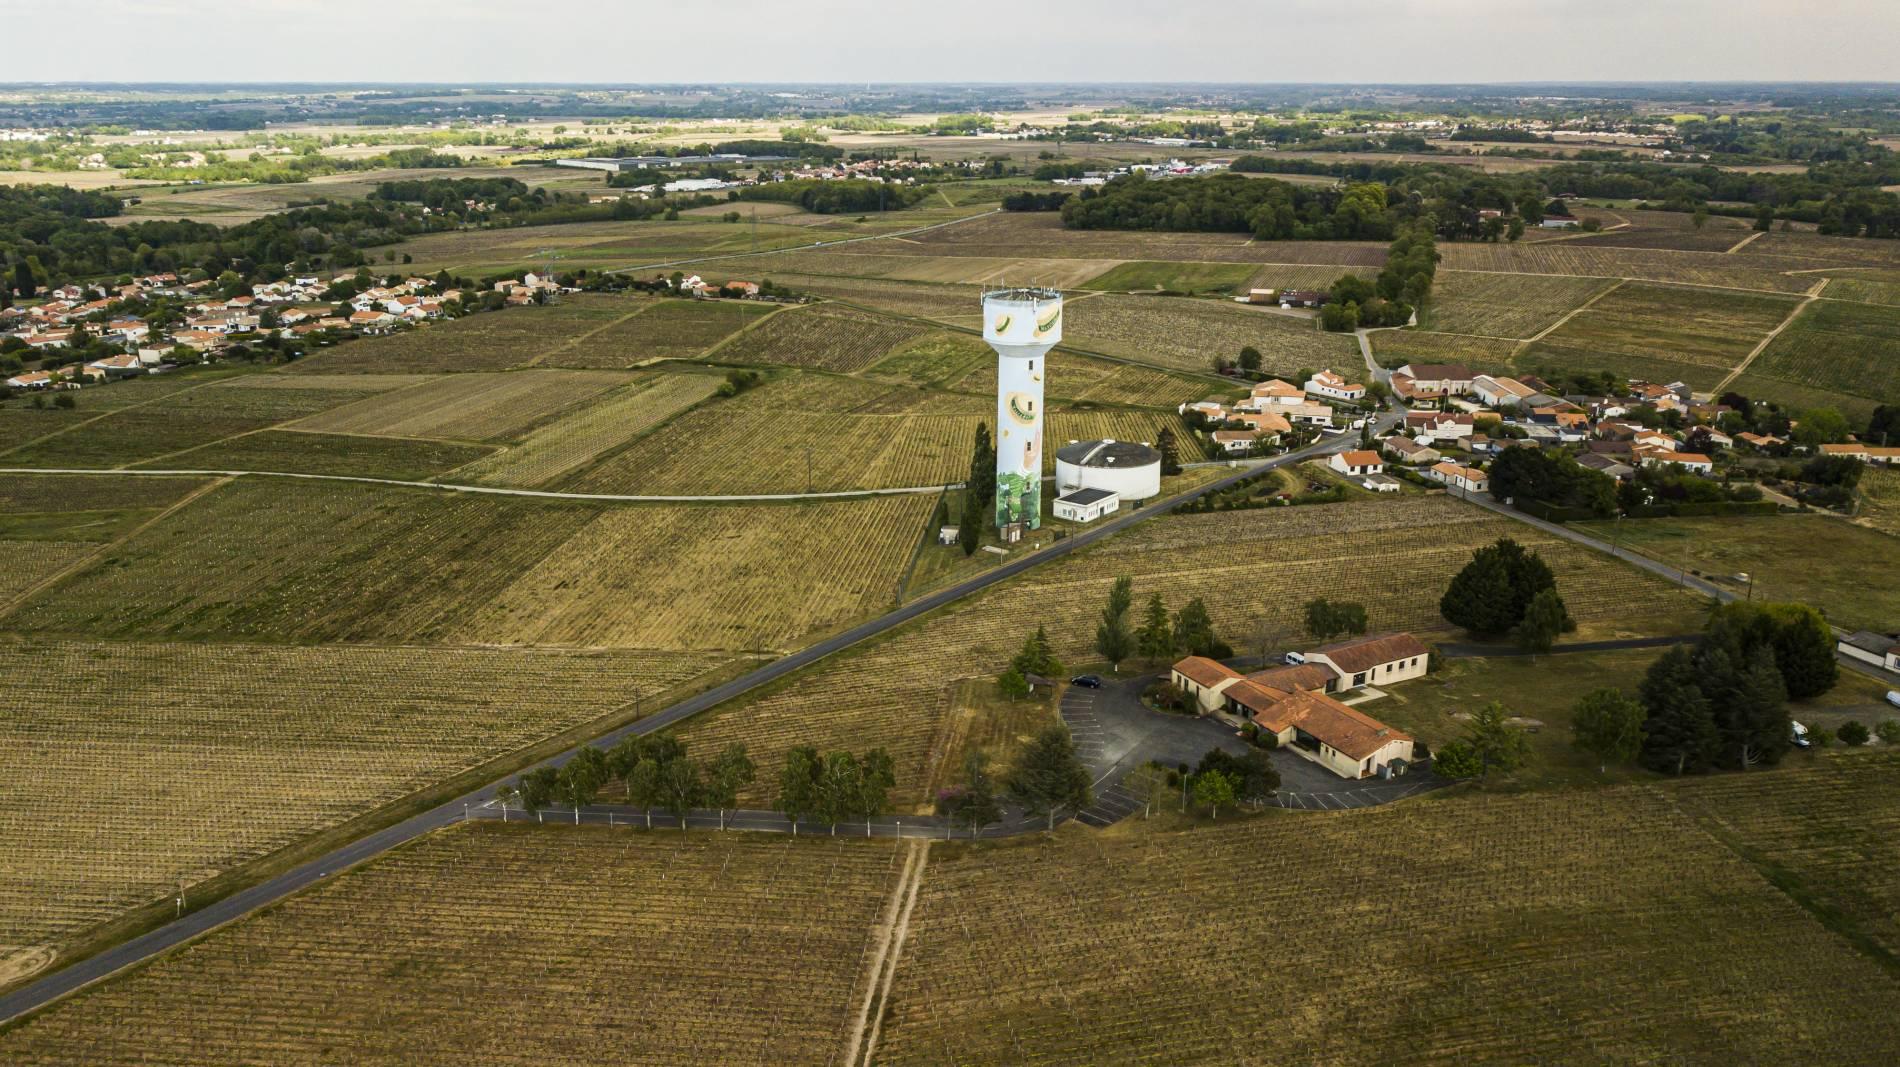 Domaine viticole à proximité de Nantes